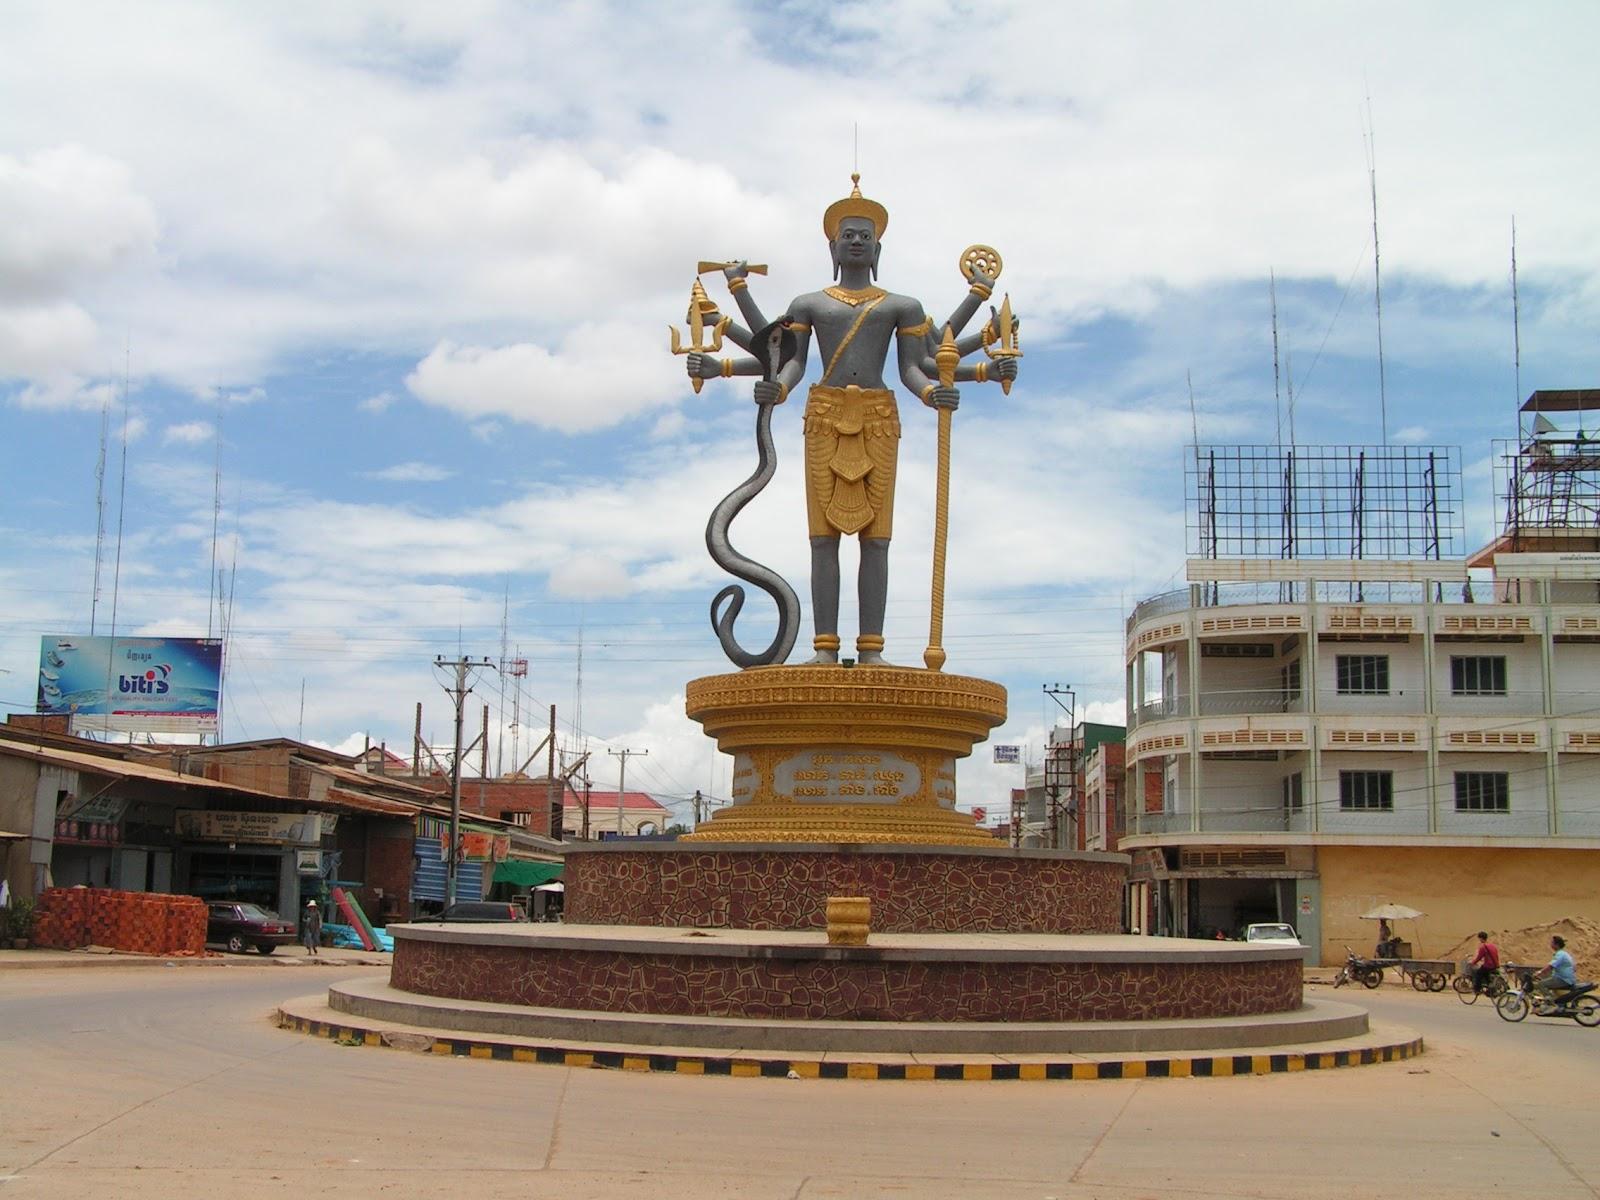 Battambang Cambodia  City pictures : Another street statue in Battambang, Cambodia